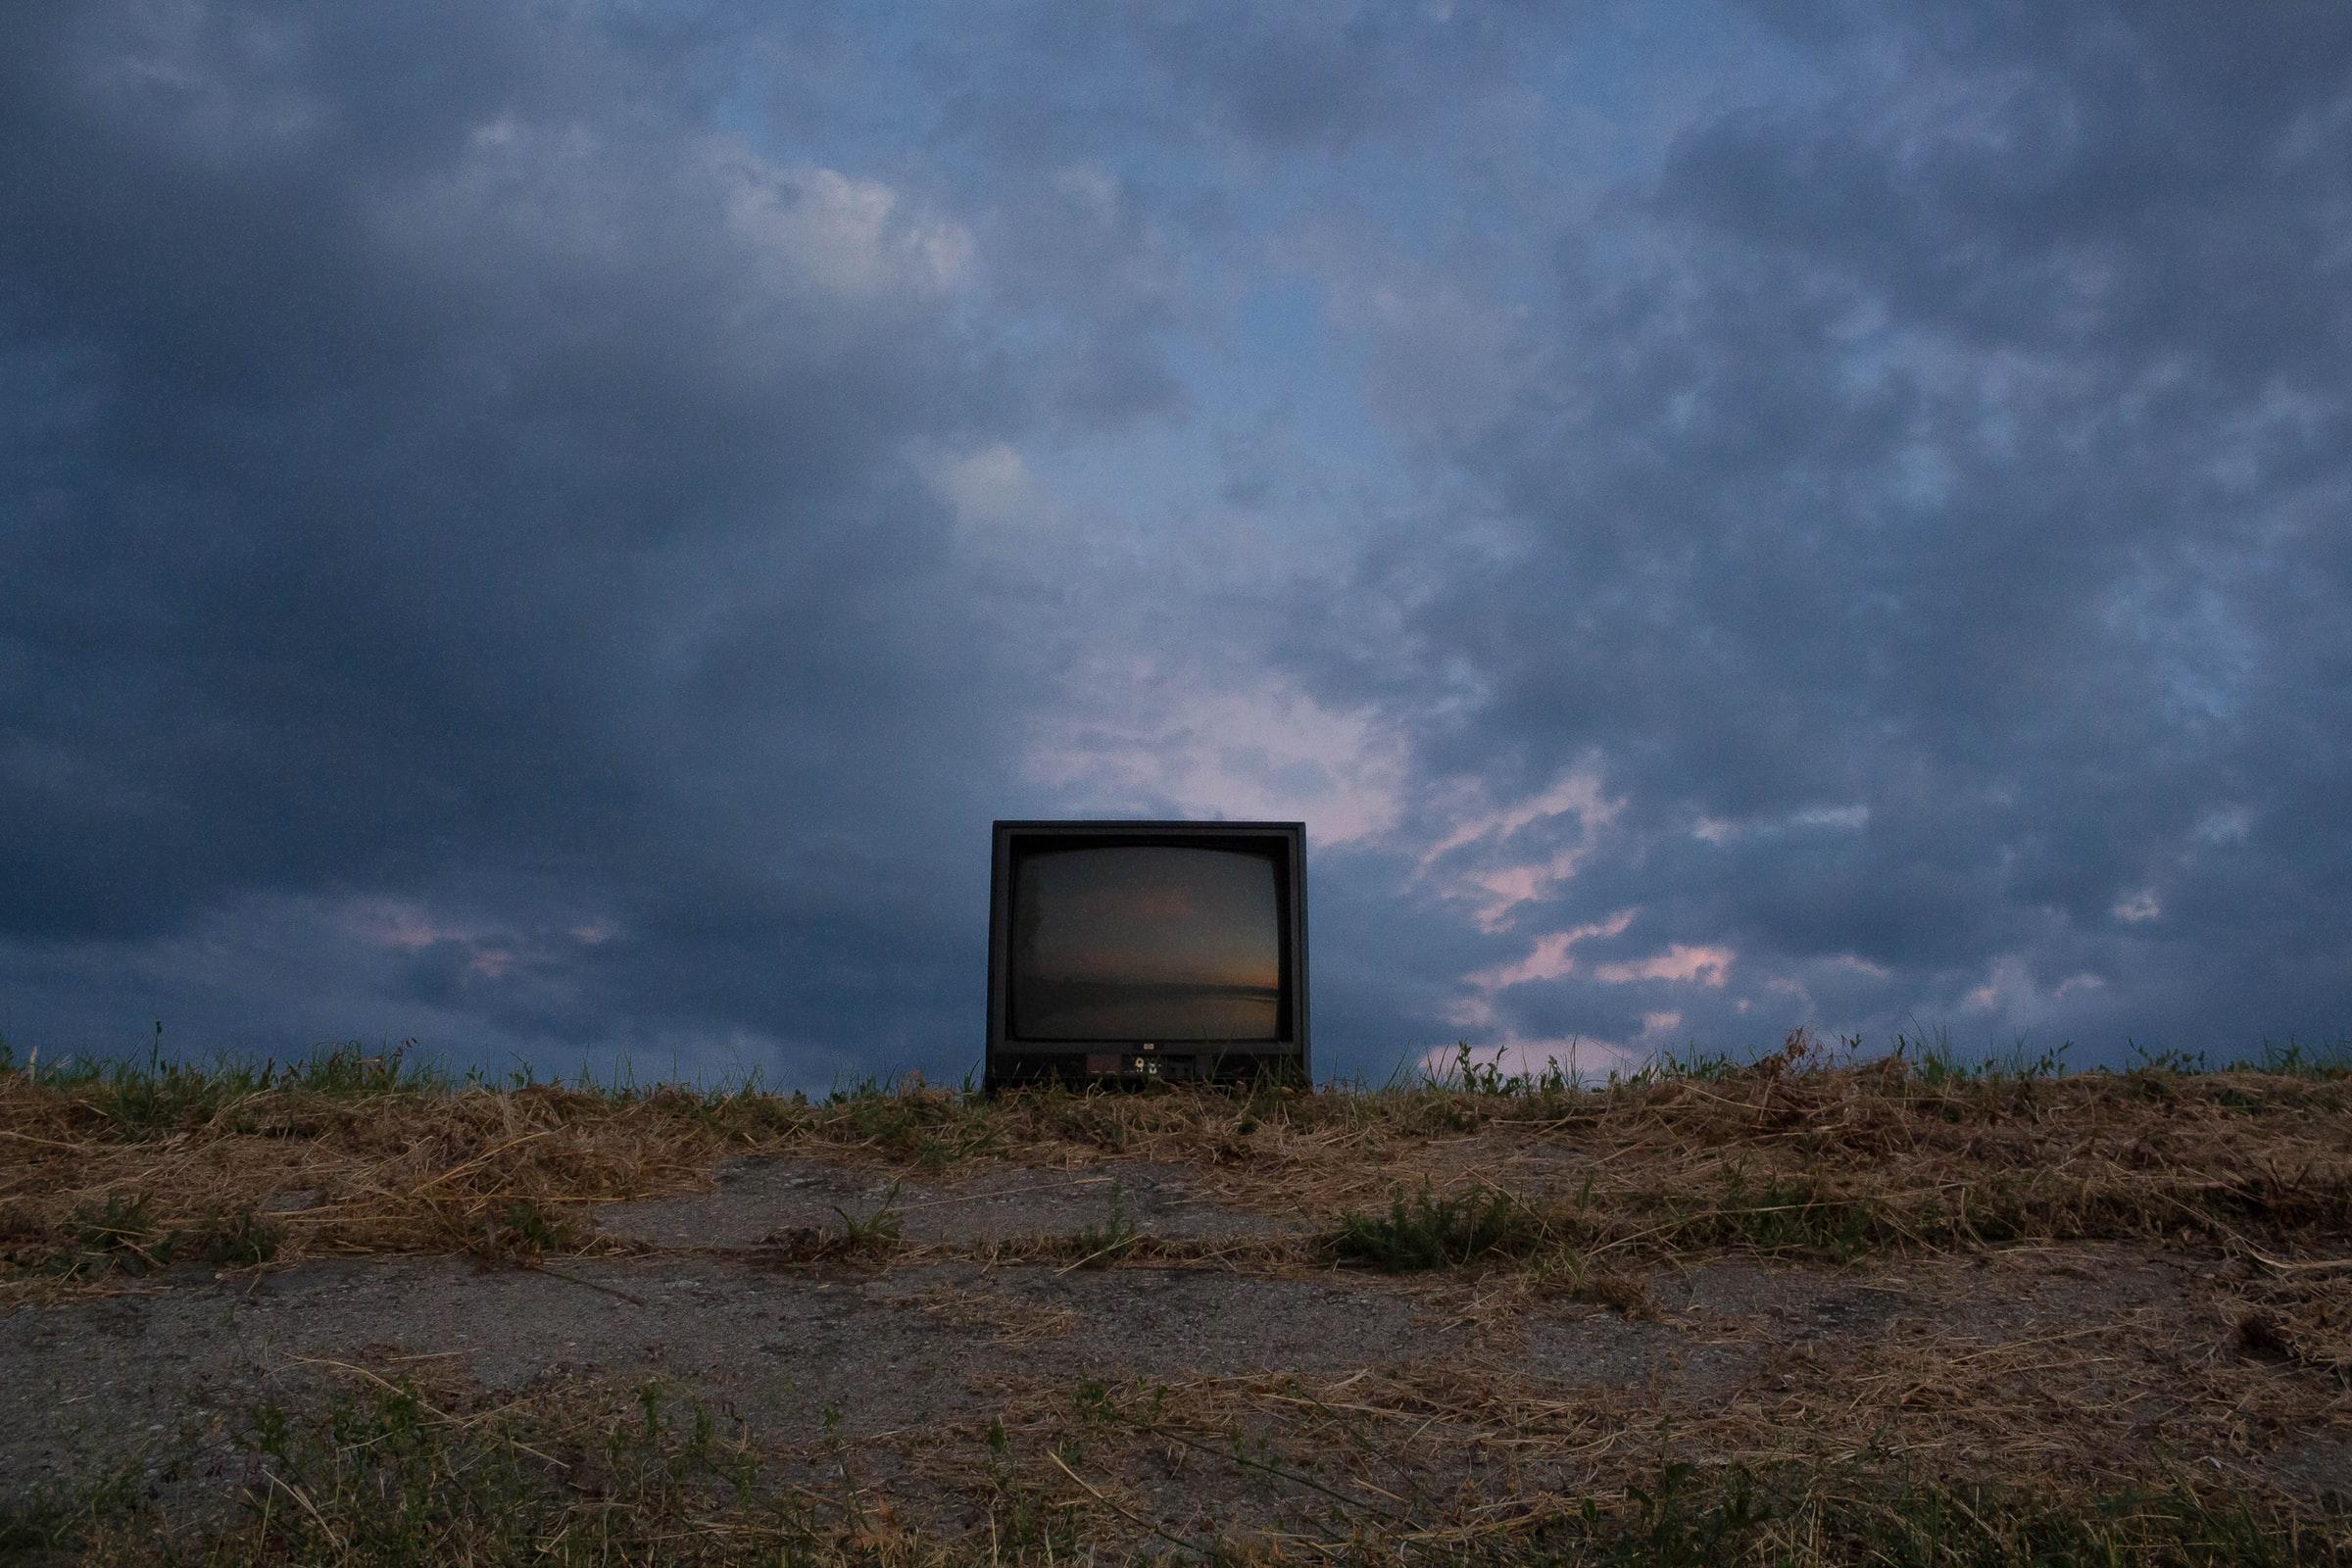 La industria audiovisual ante el reto de la cuarentena sin contenido